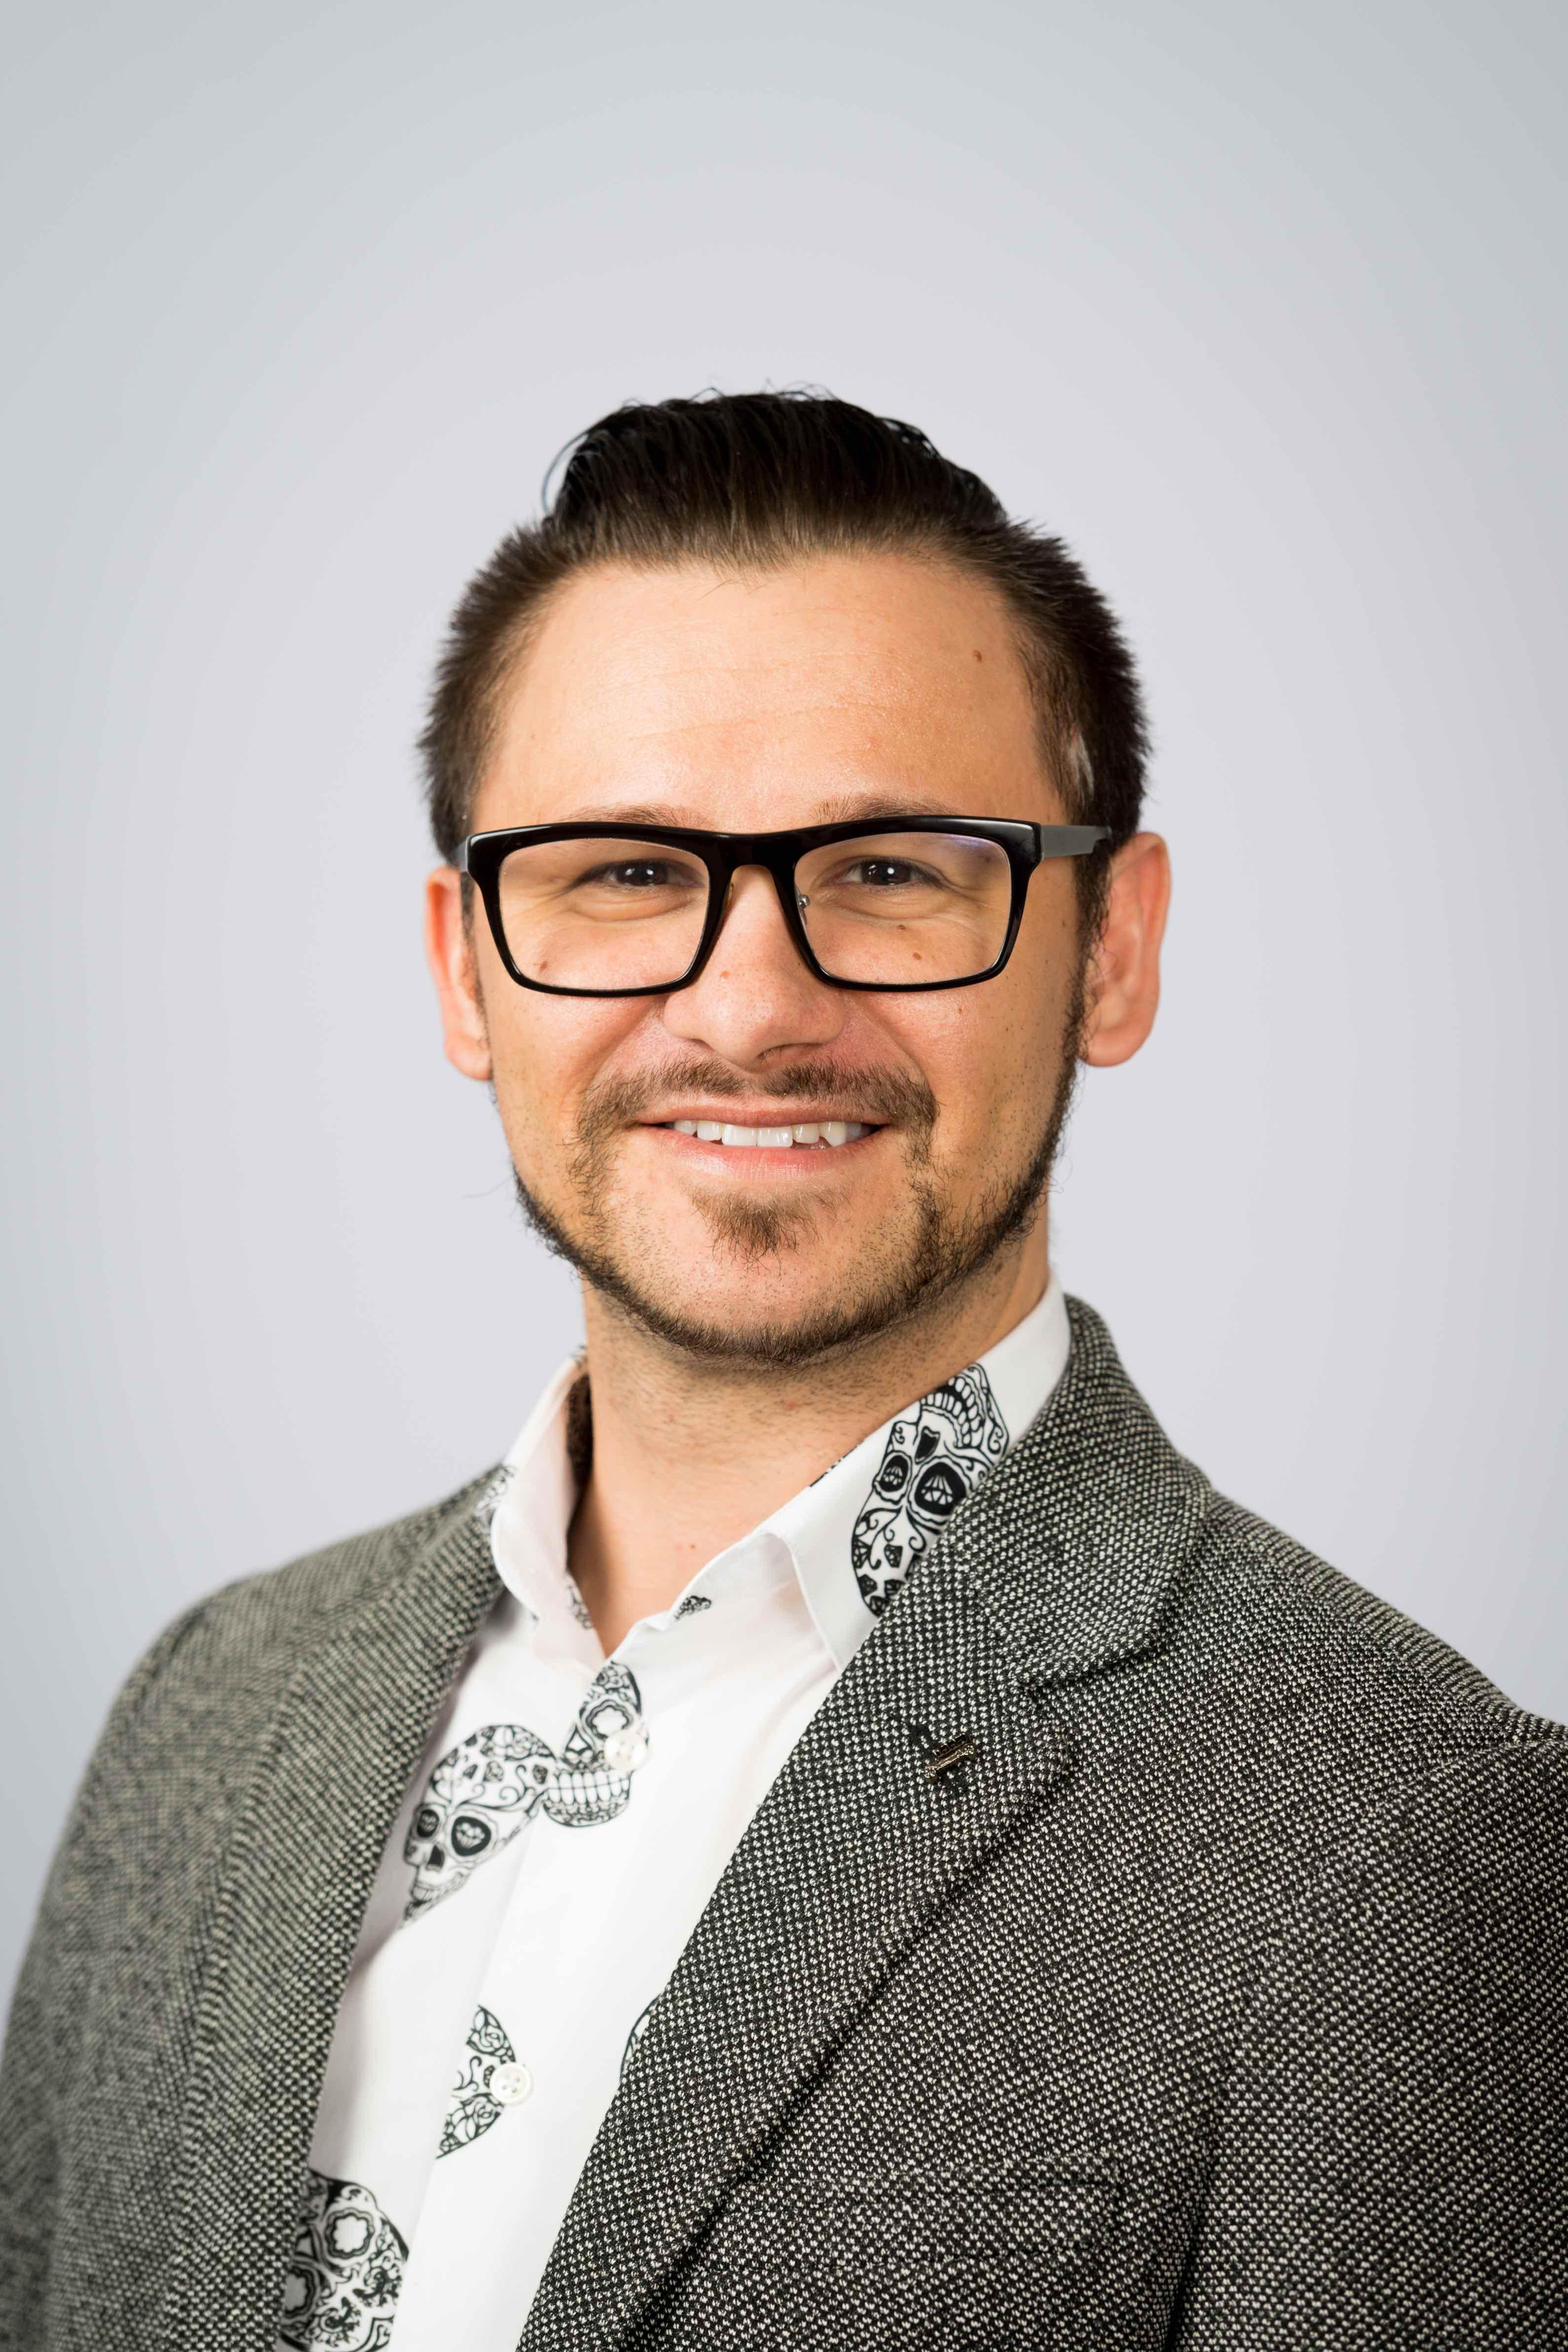 Kris Klein Hernandez